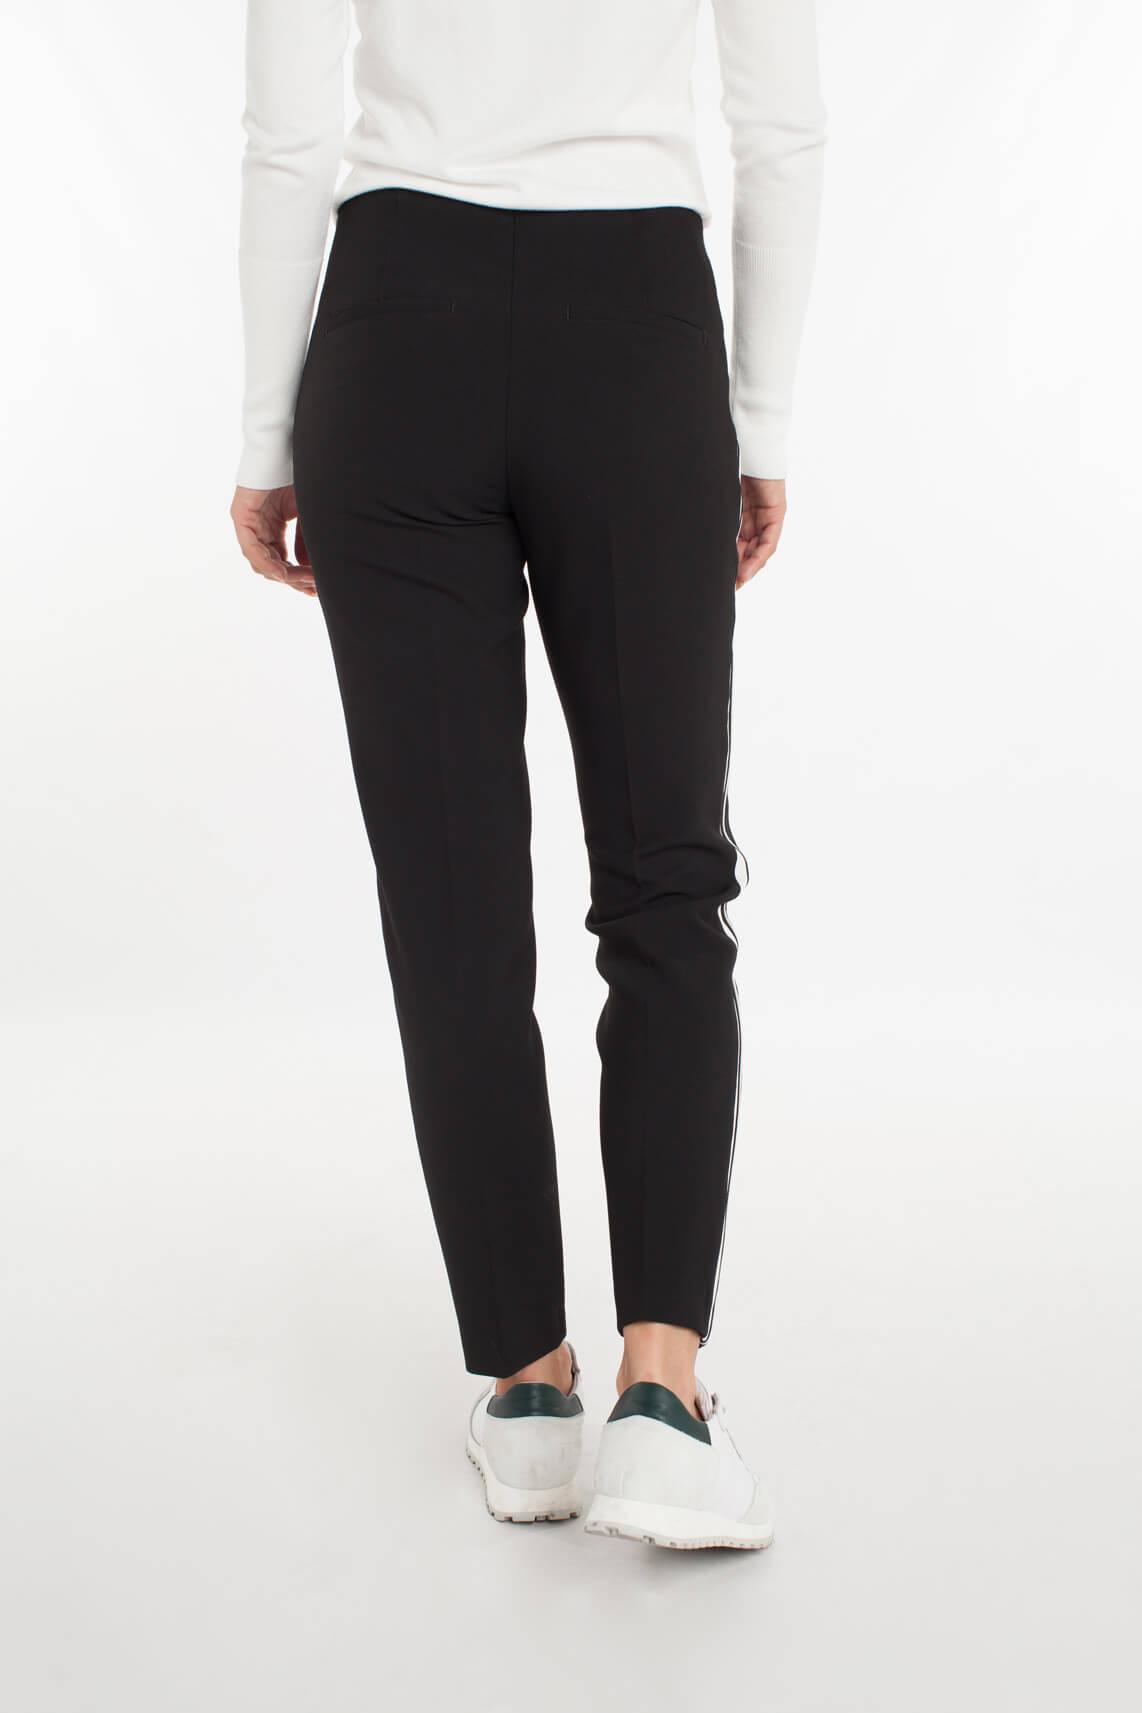 Cambio Dames Ros pantalon met bies zwart